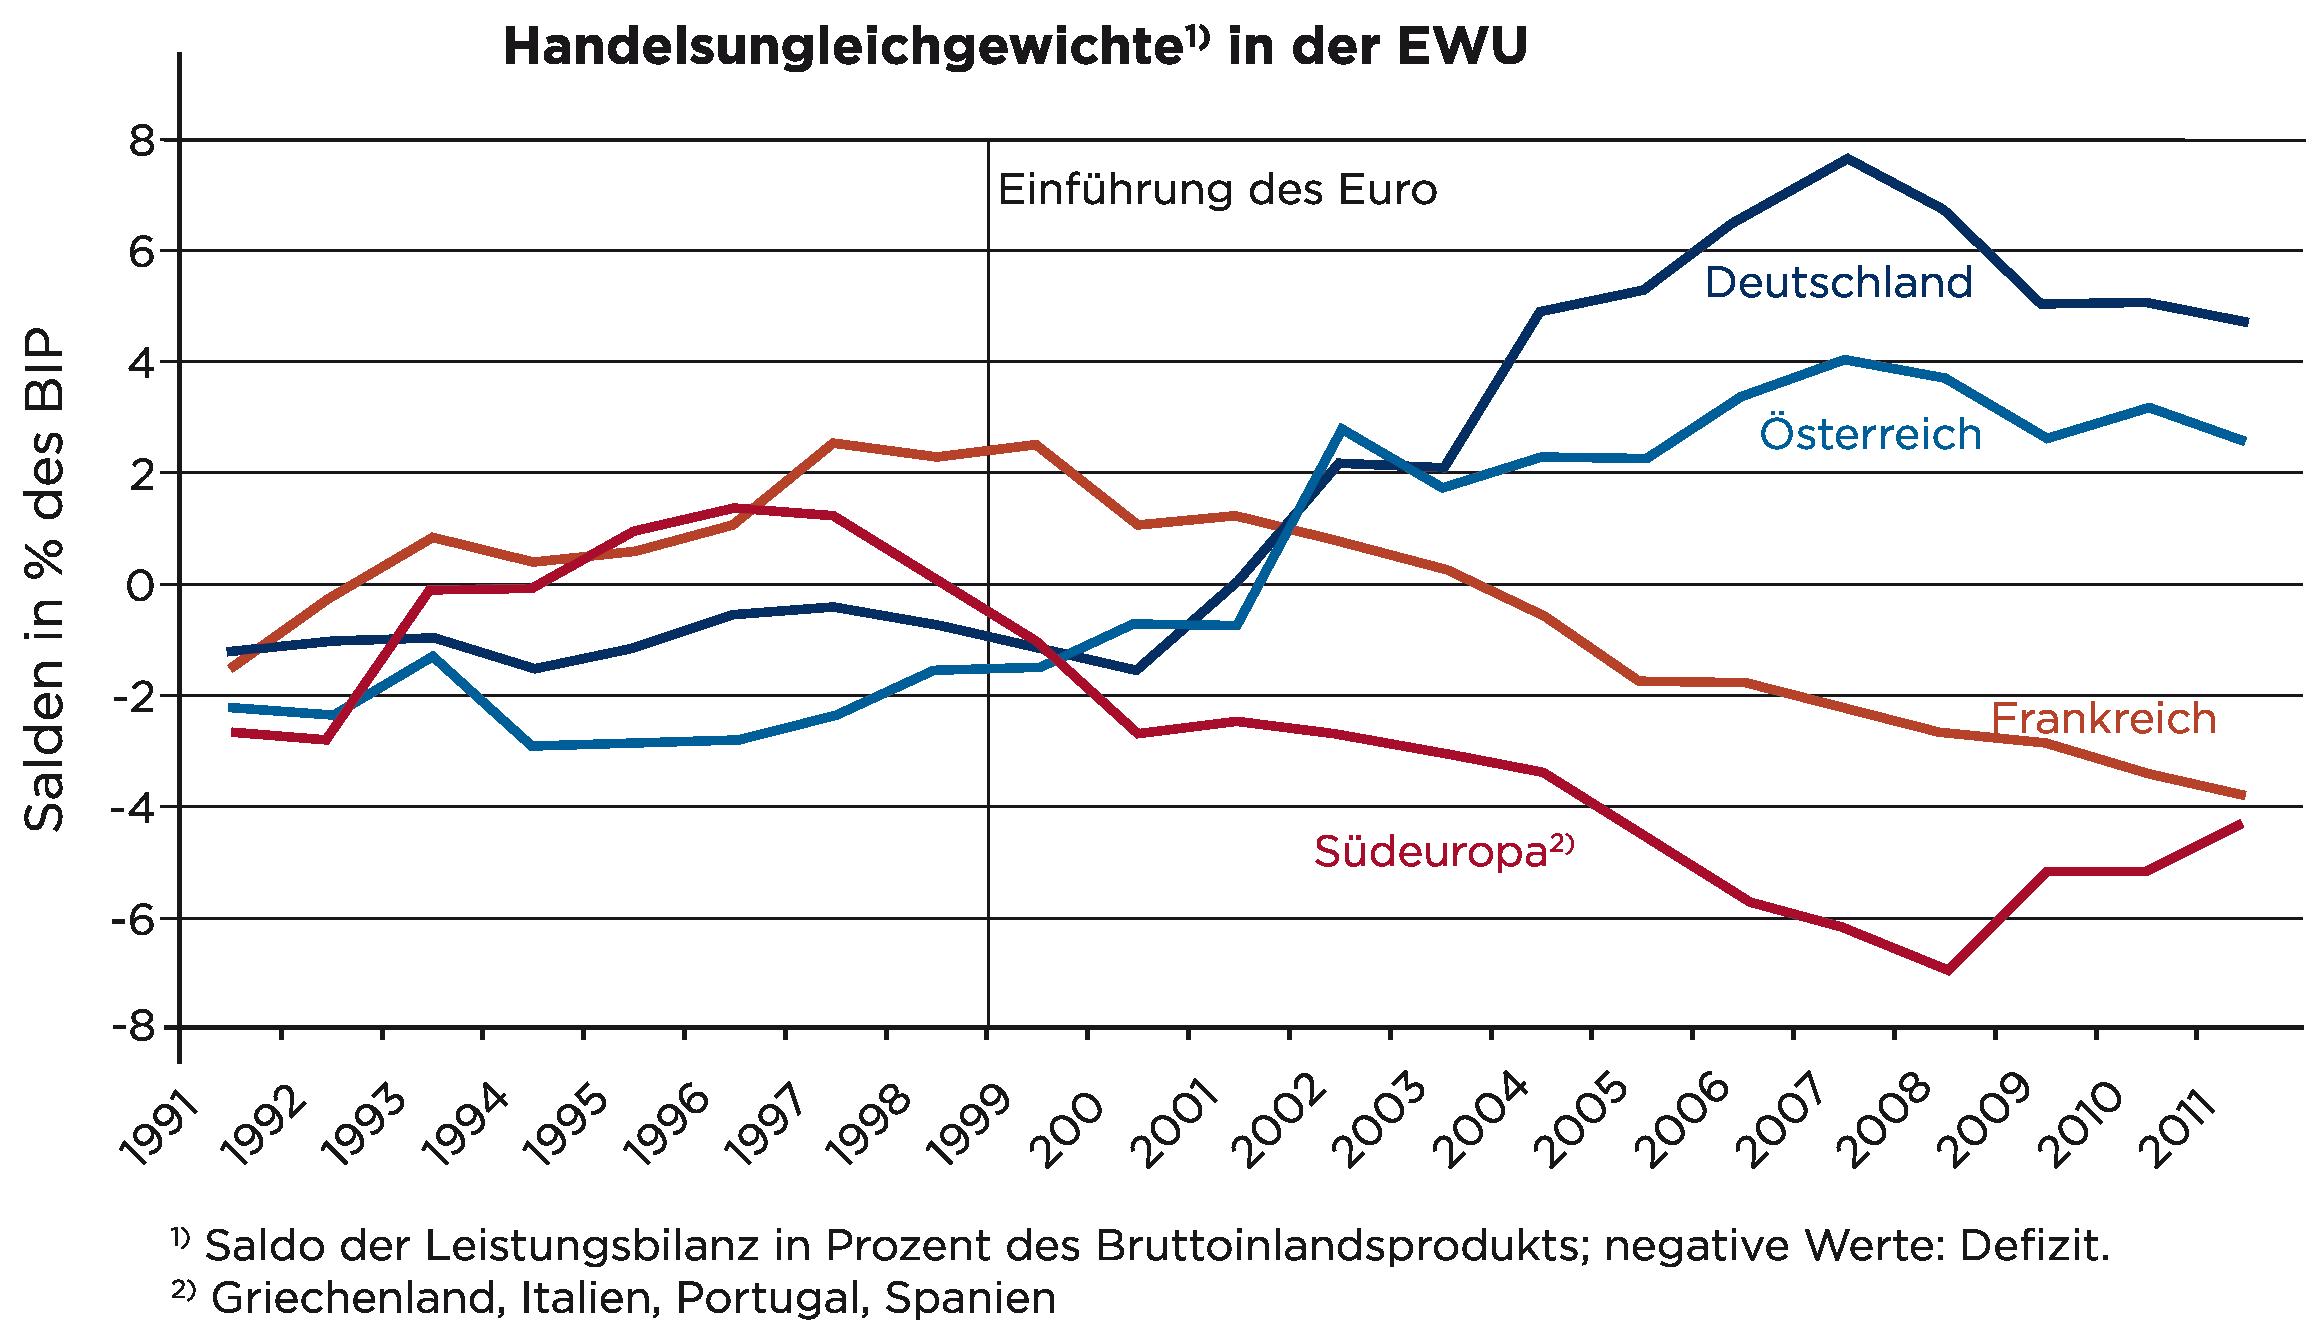 Entwicklung der Leistungsbilanzsalden in der Eurozone